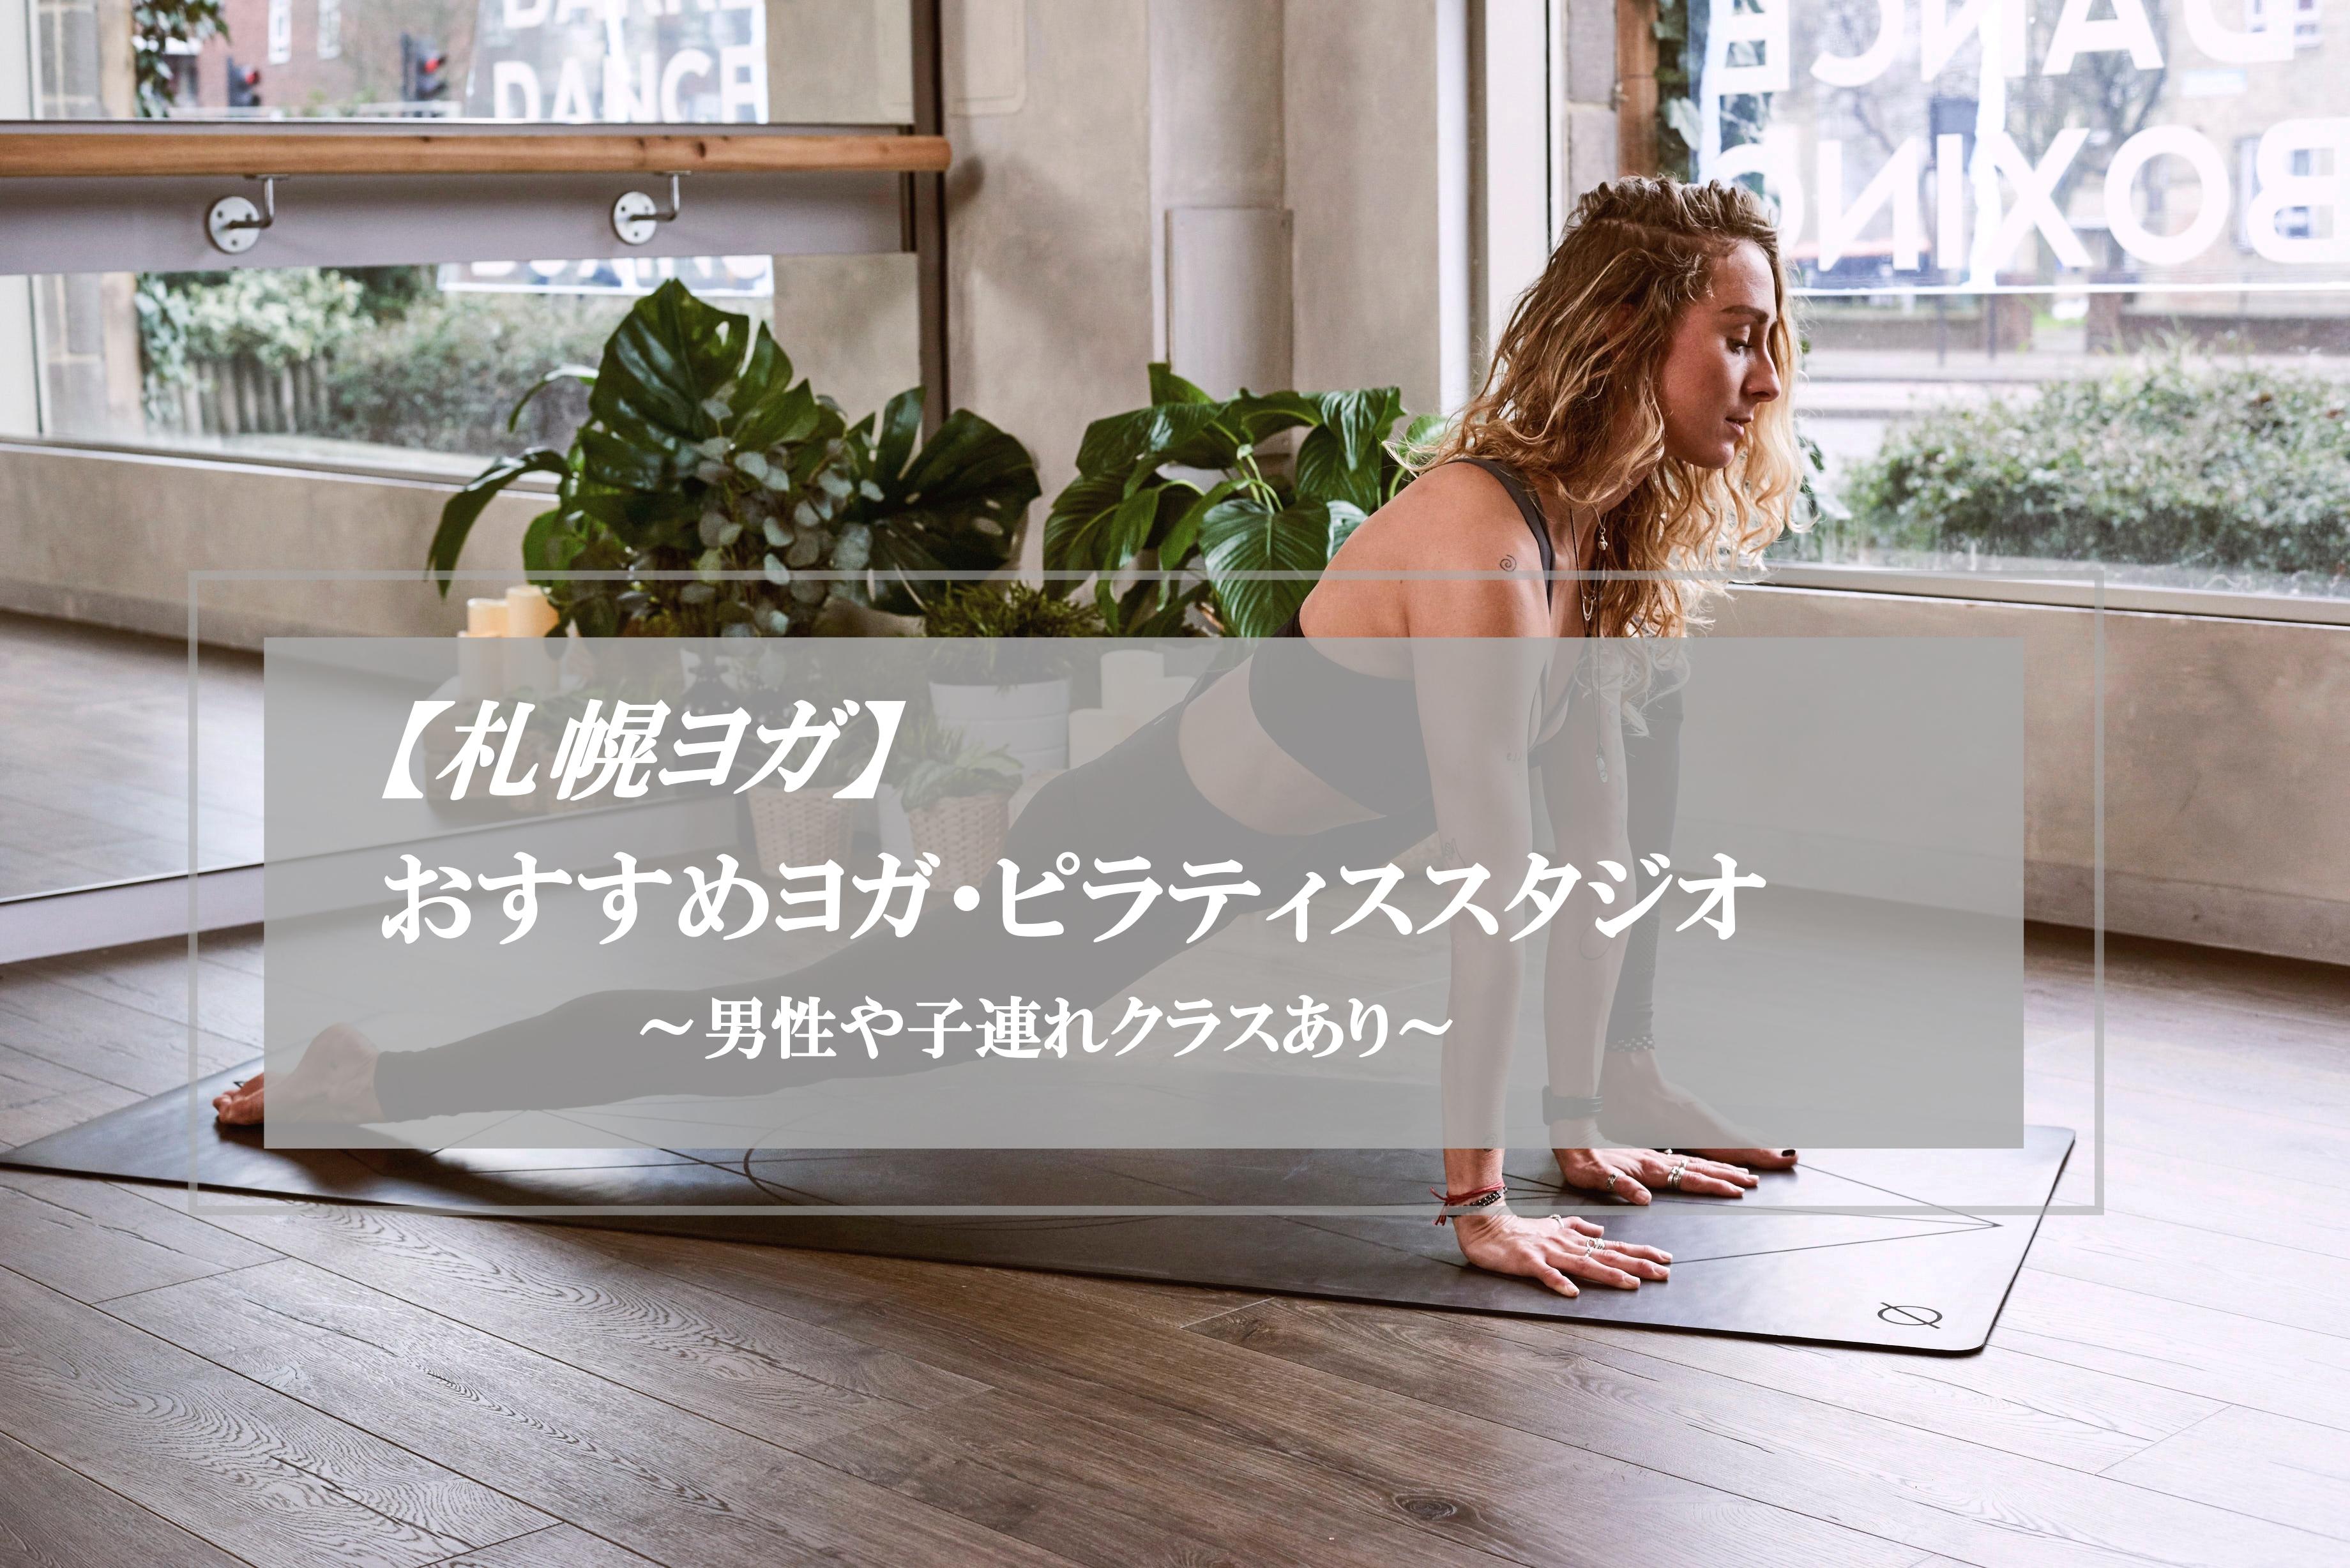 札幌のおすすめヨガスタジオ一覧